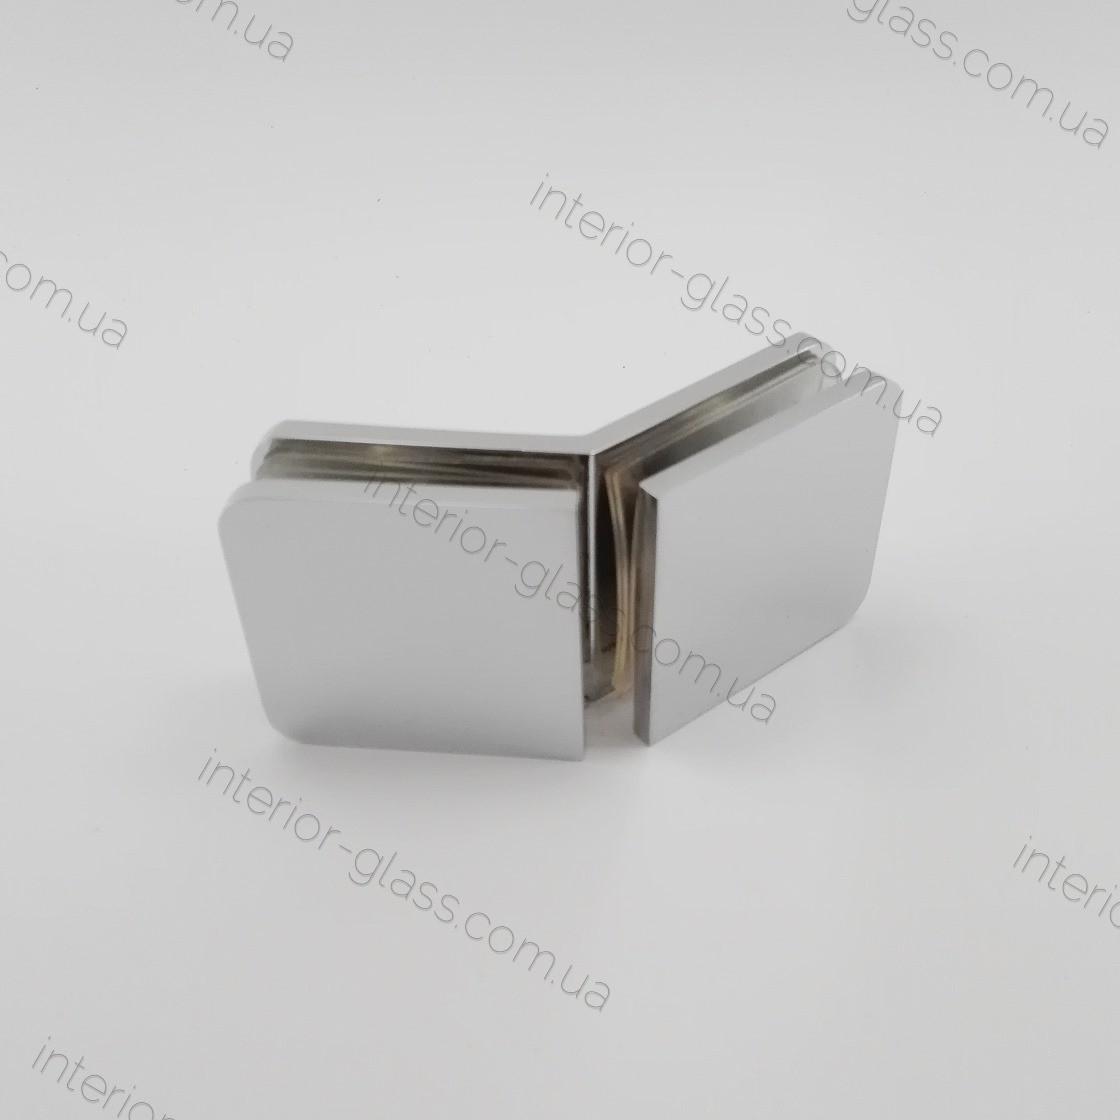 Соединитель стекло-стекло под углом 135° HDL-726 CP полированный хром